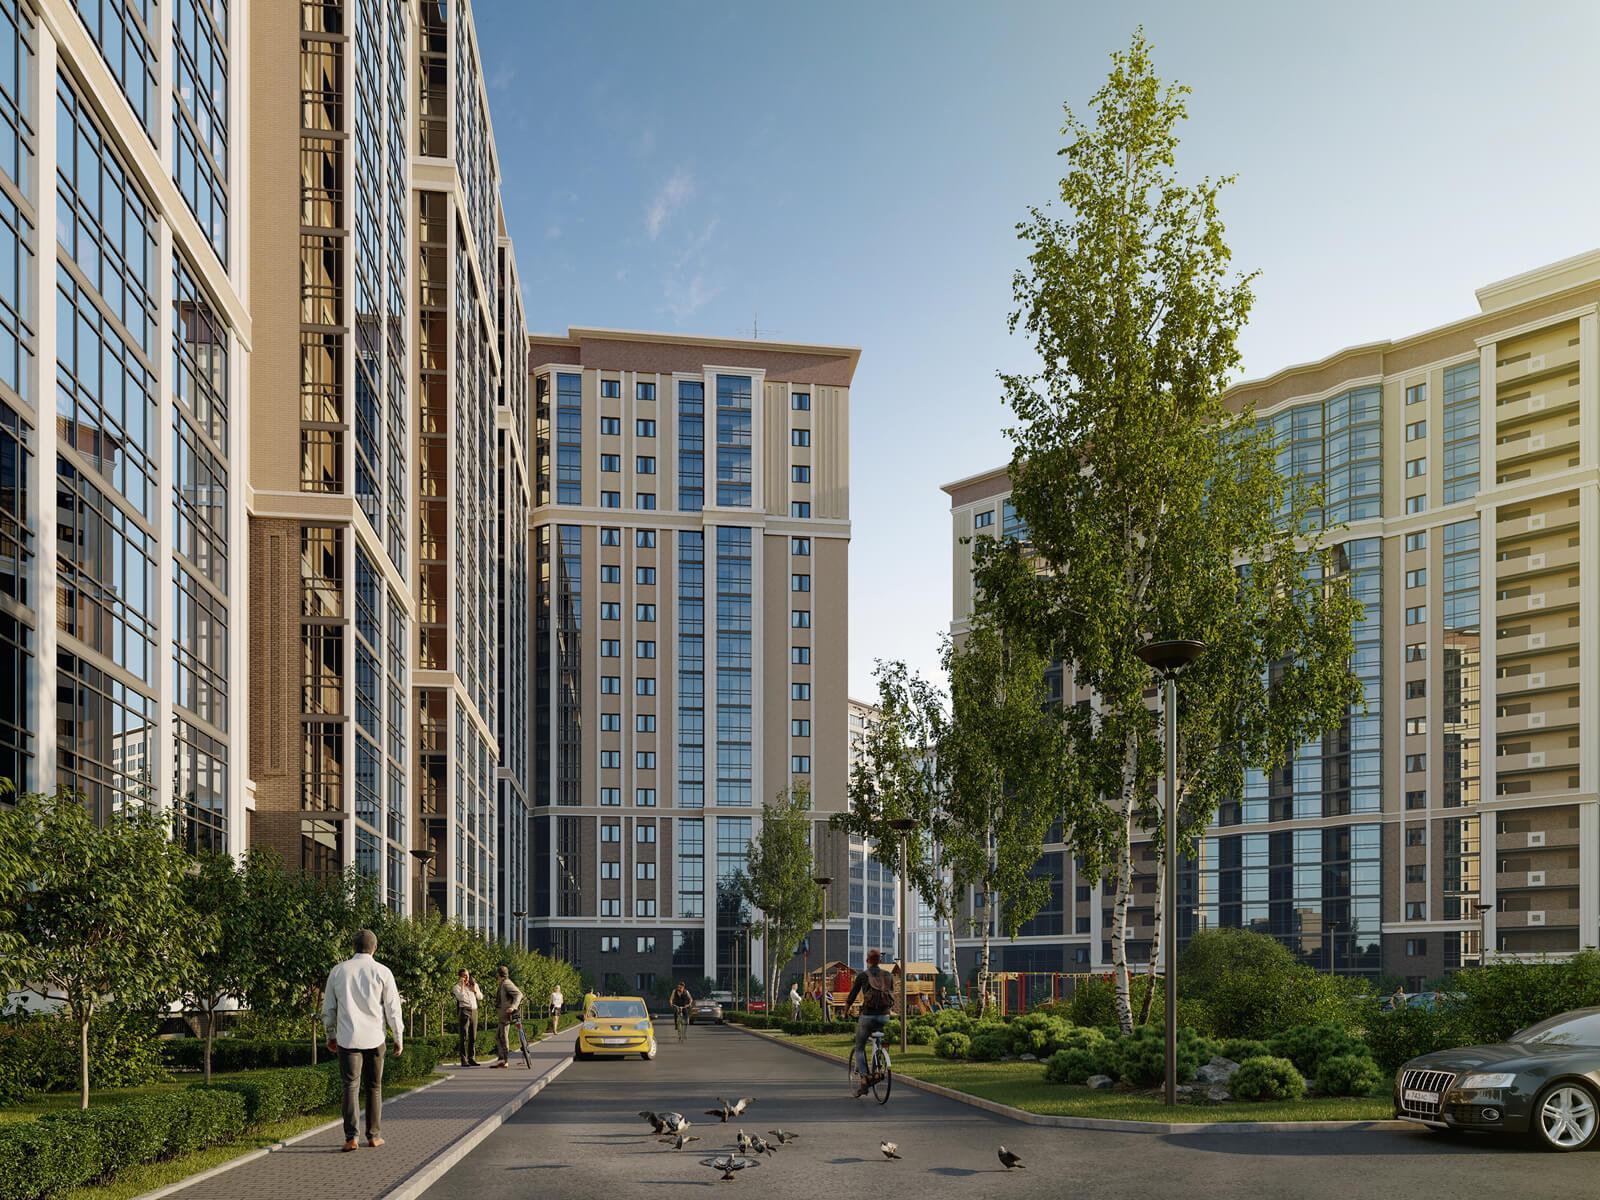 ЖК Звезды Столиц в Санкт-Петербурге от Интергрупп - цены, планировки квартир